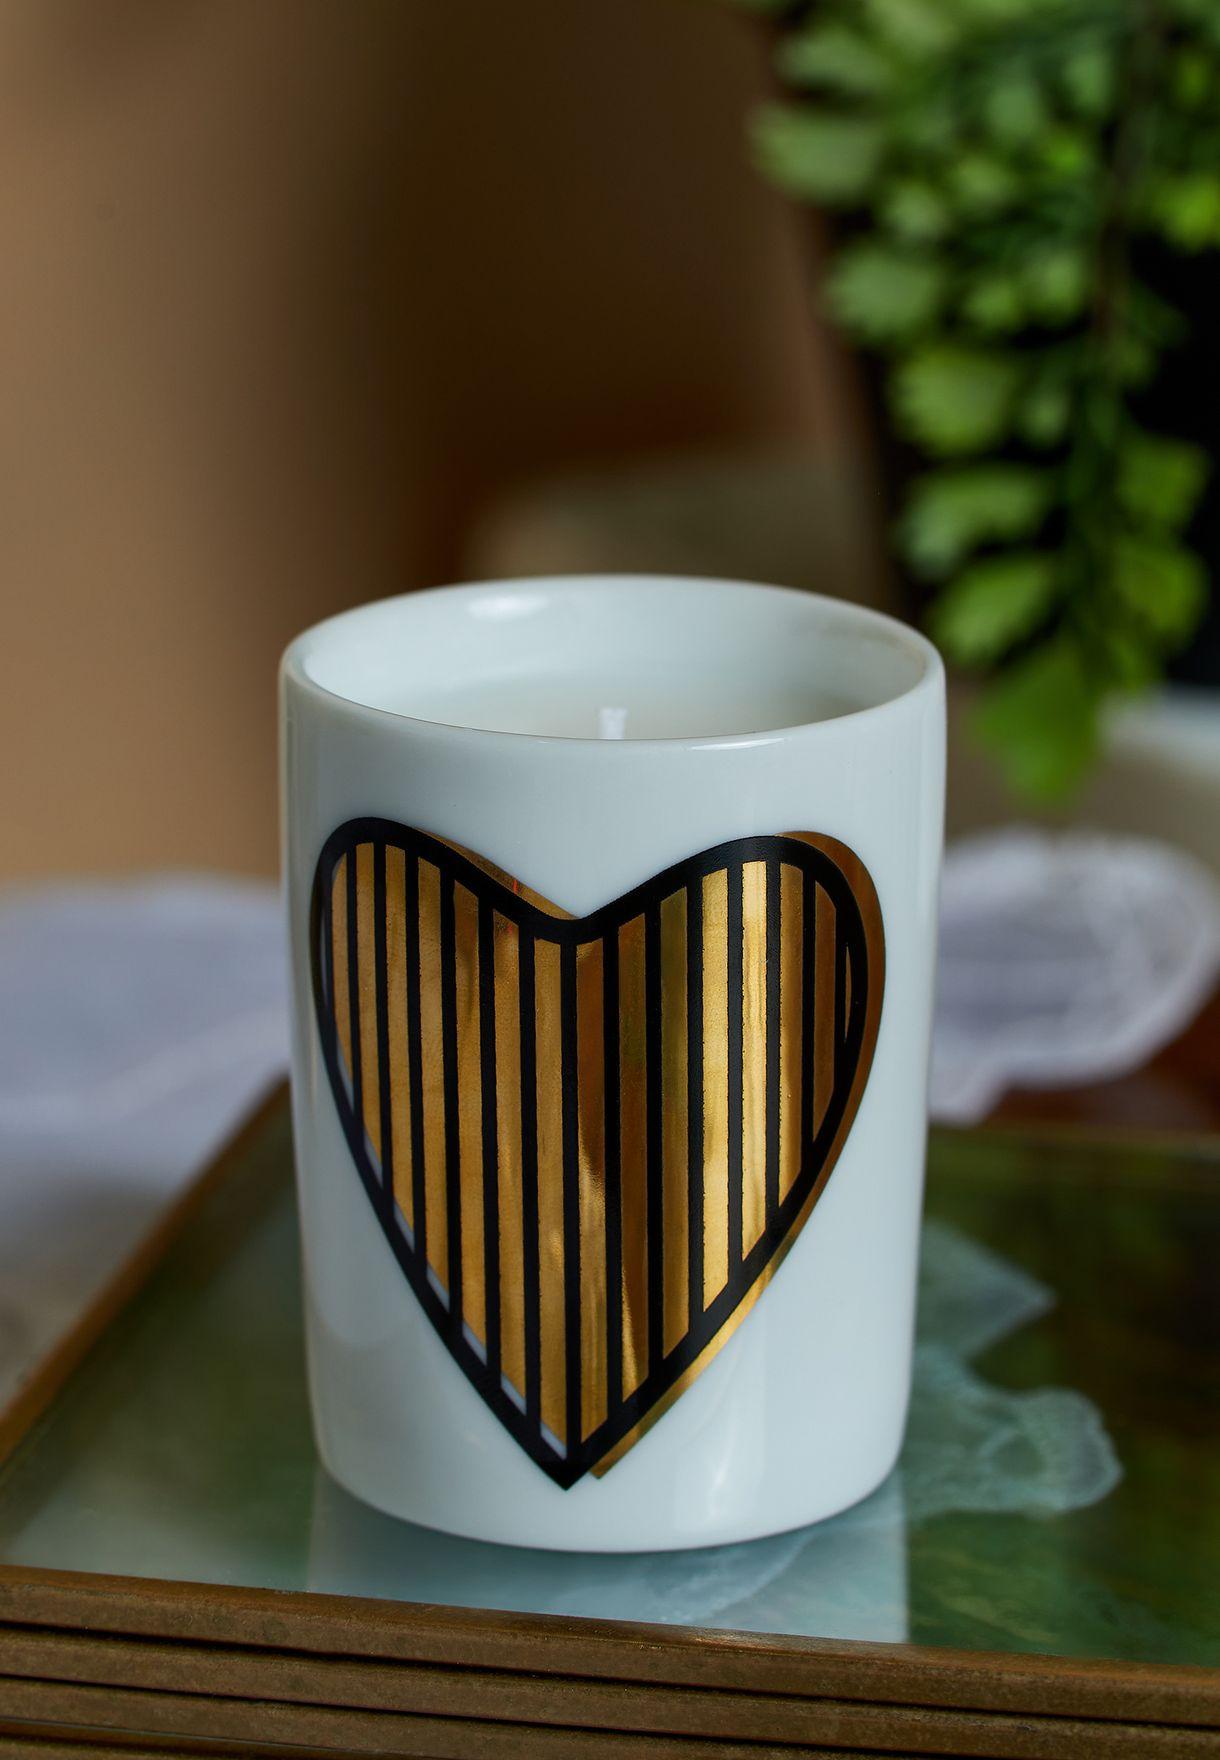 شمعة عطرية صغيرة بطباعة قلب